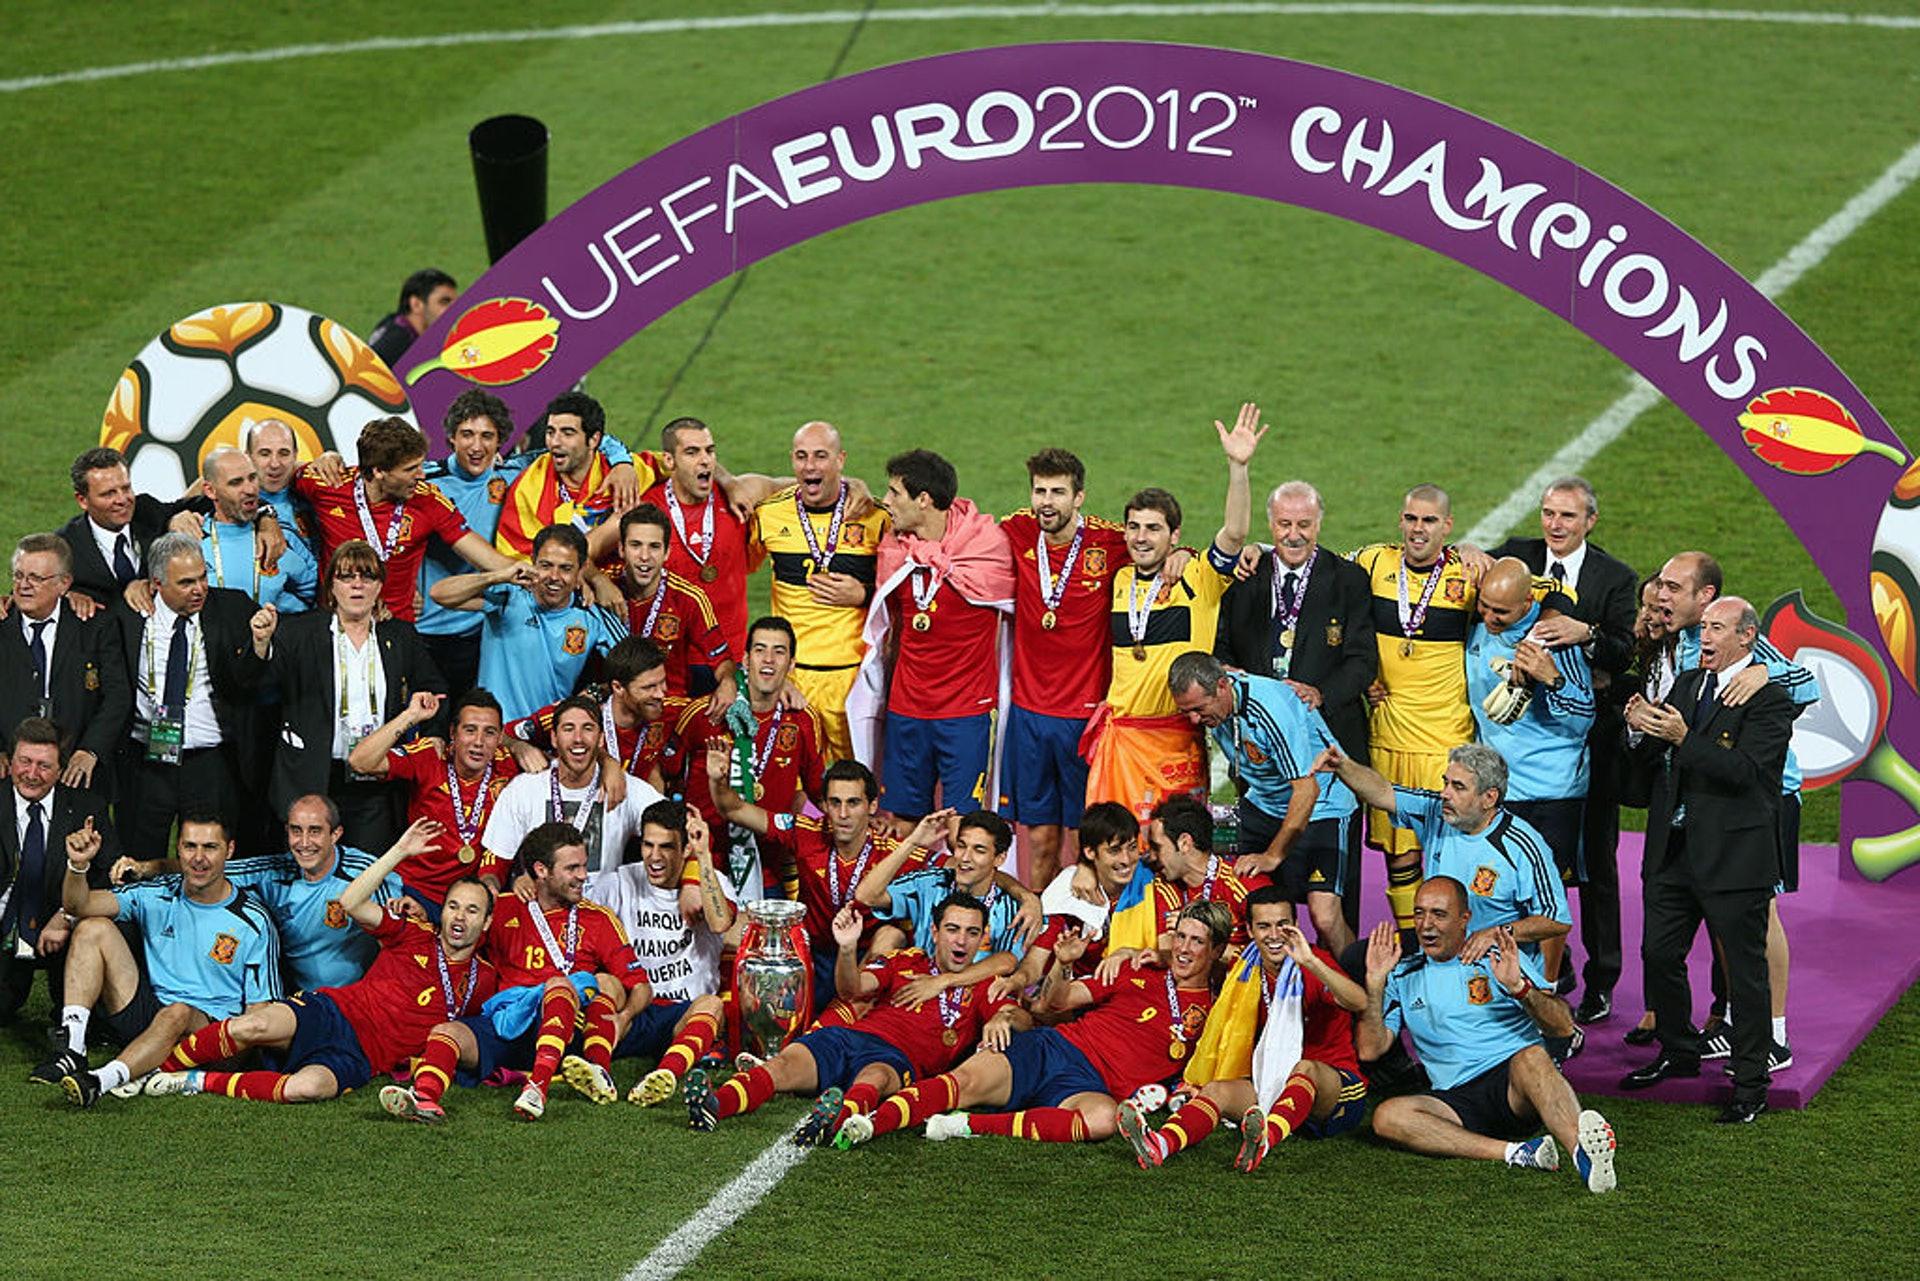 2012歐國盃冠軍:西班牙(23人名單)–26.74歲(Getty Images)